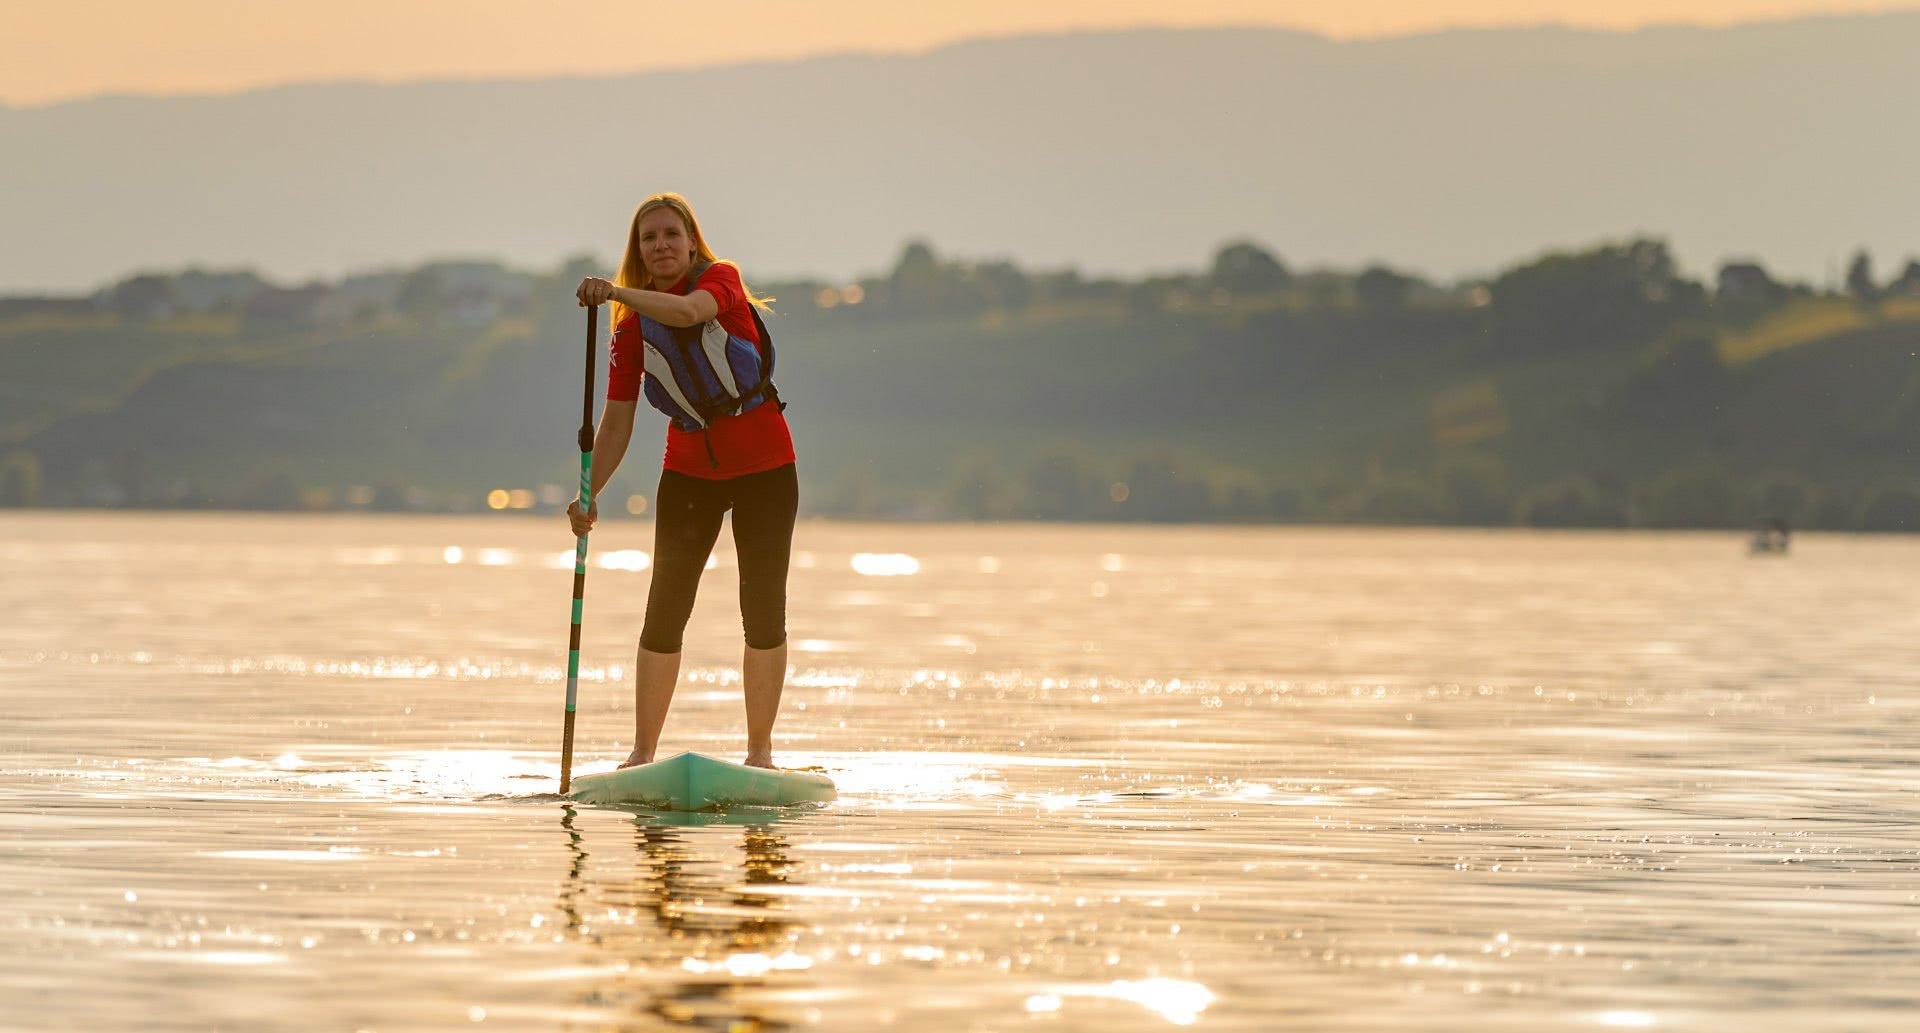 Frau paddelt auf einem SUP gegen den Sonnenuntergang.